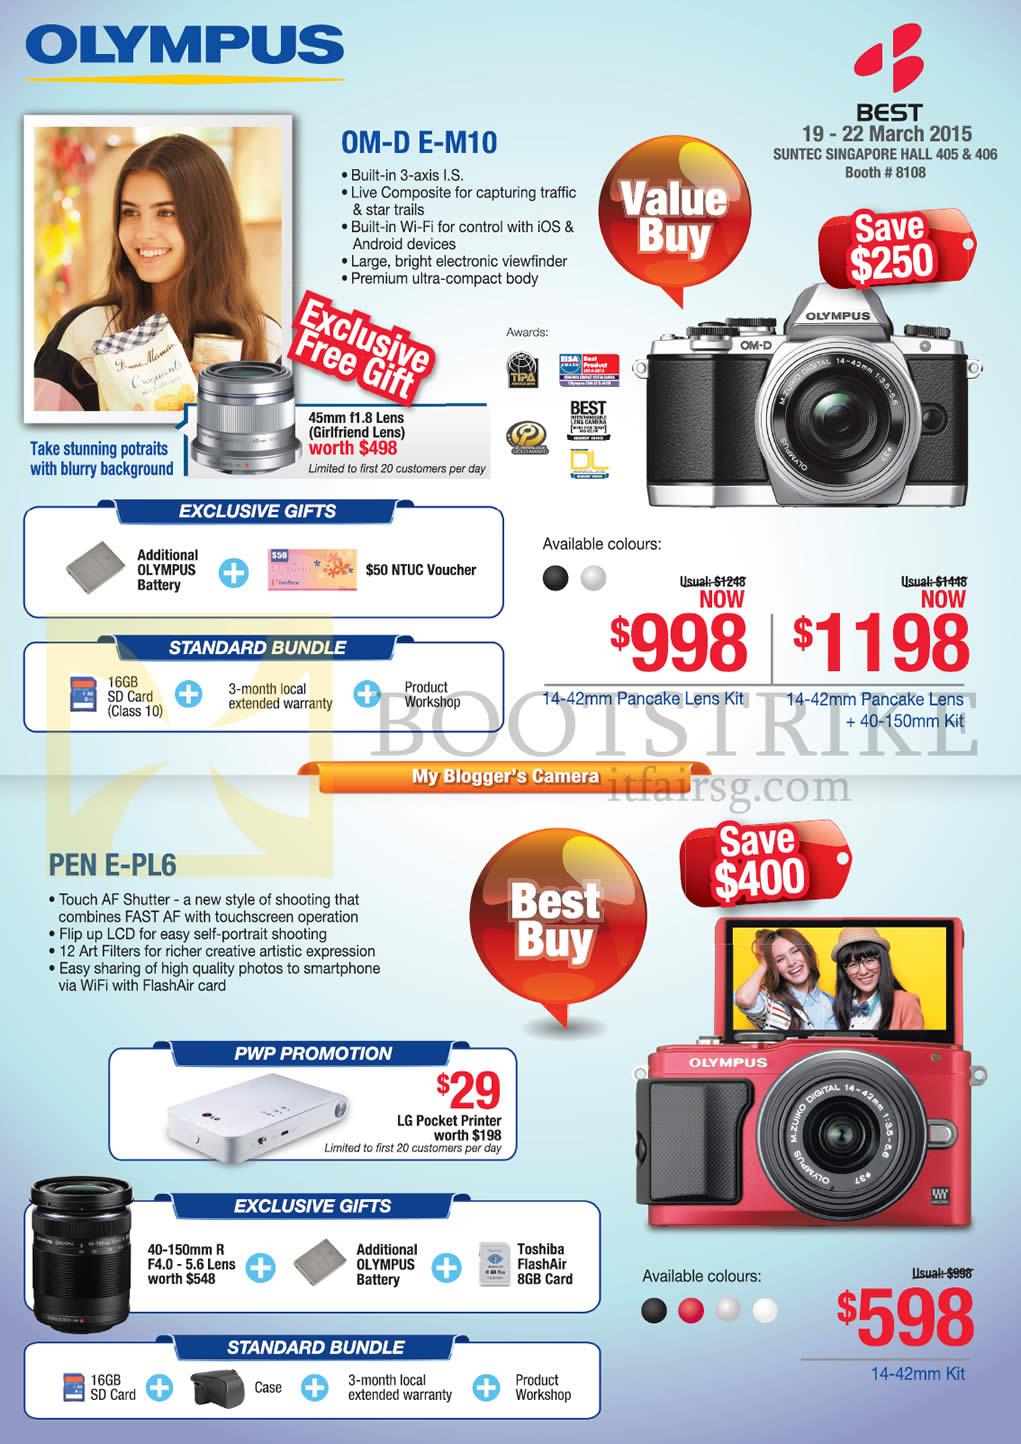 Olympus Digital Cameras OM-D E-M10, Pen E-PL6